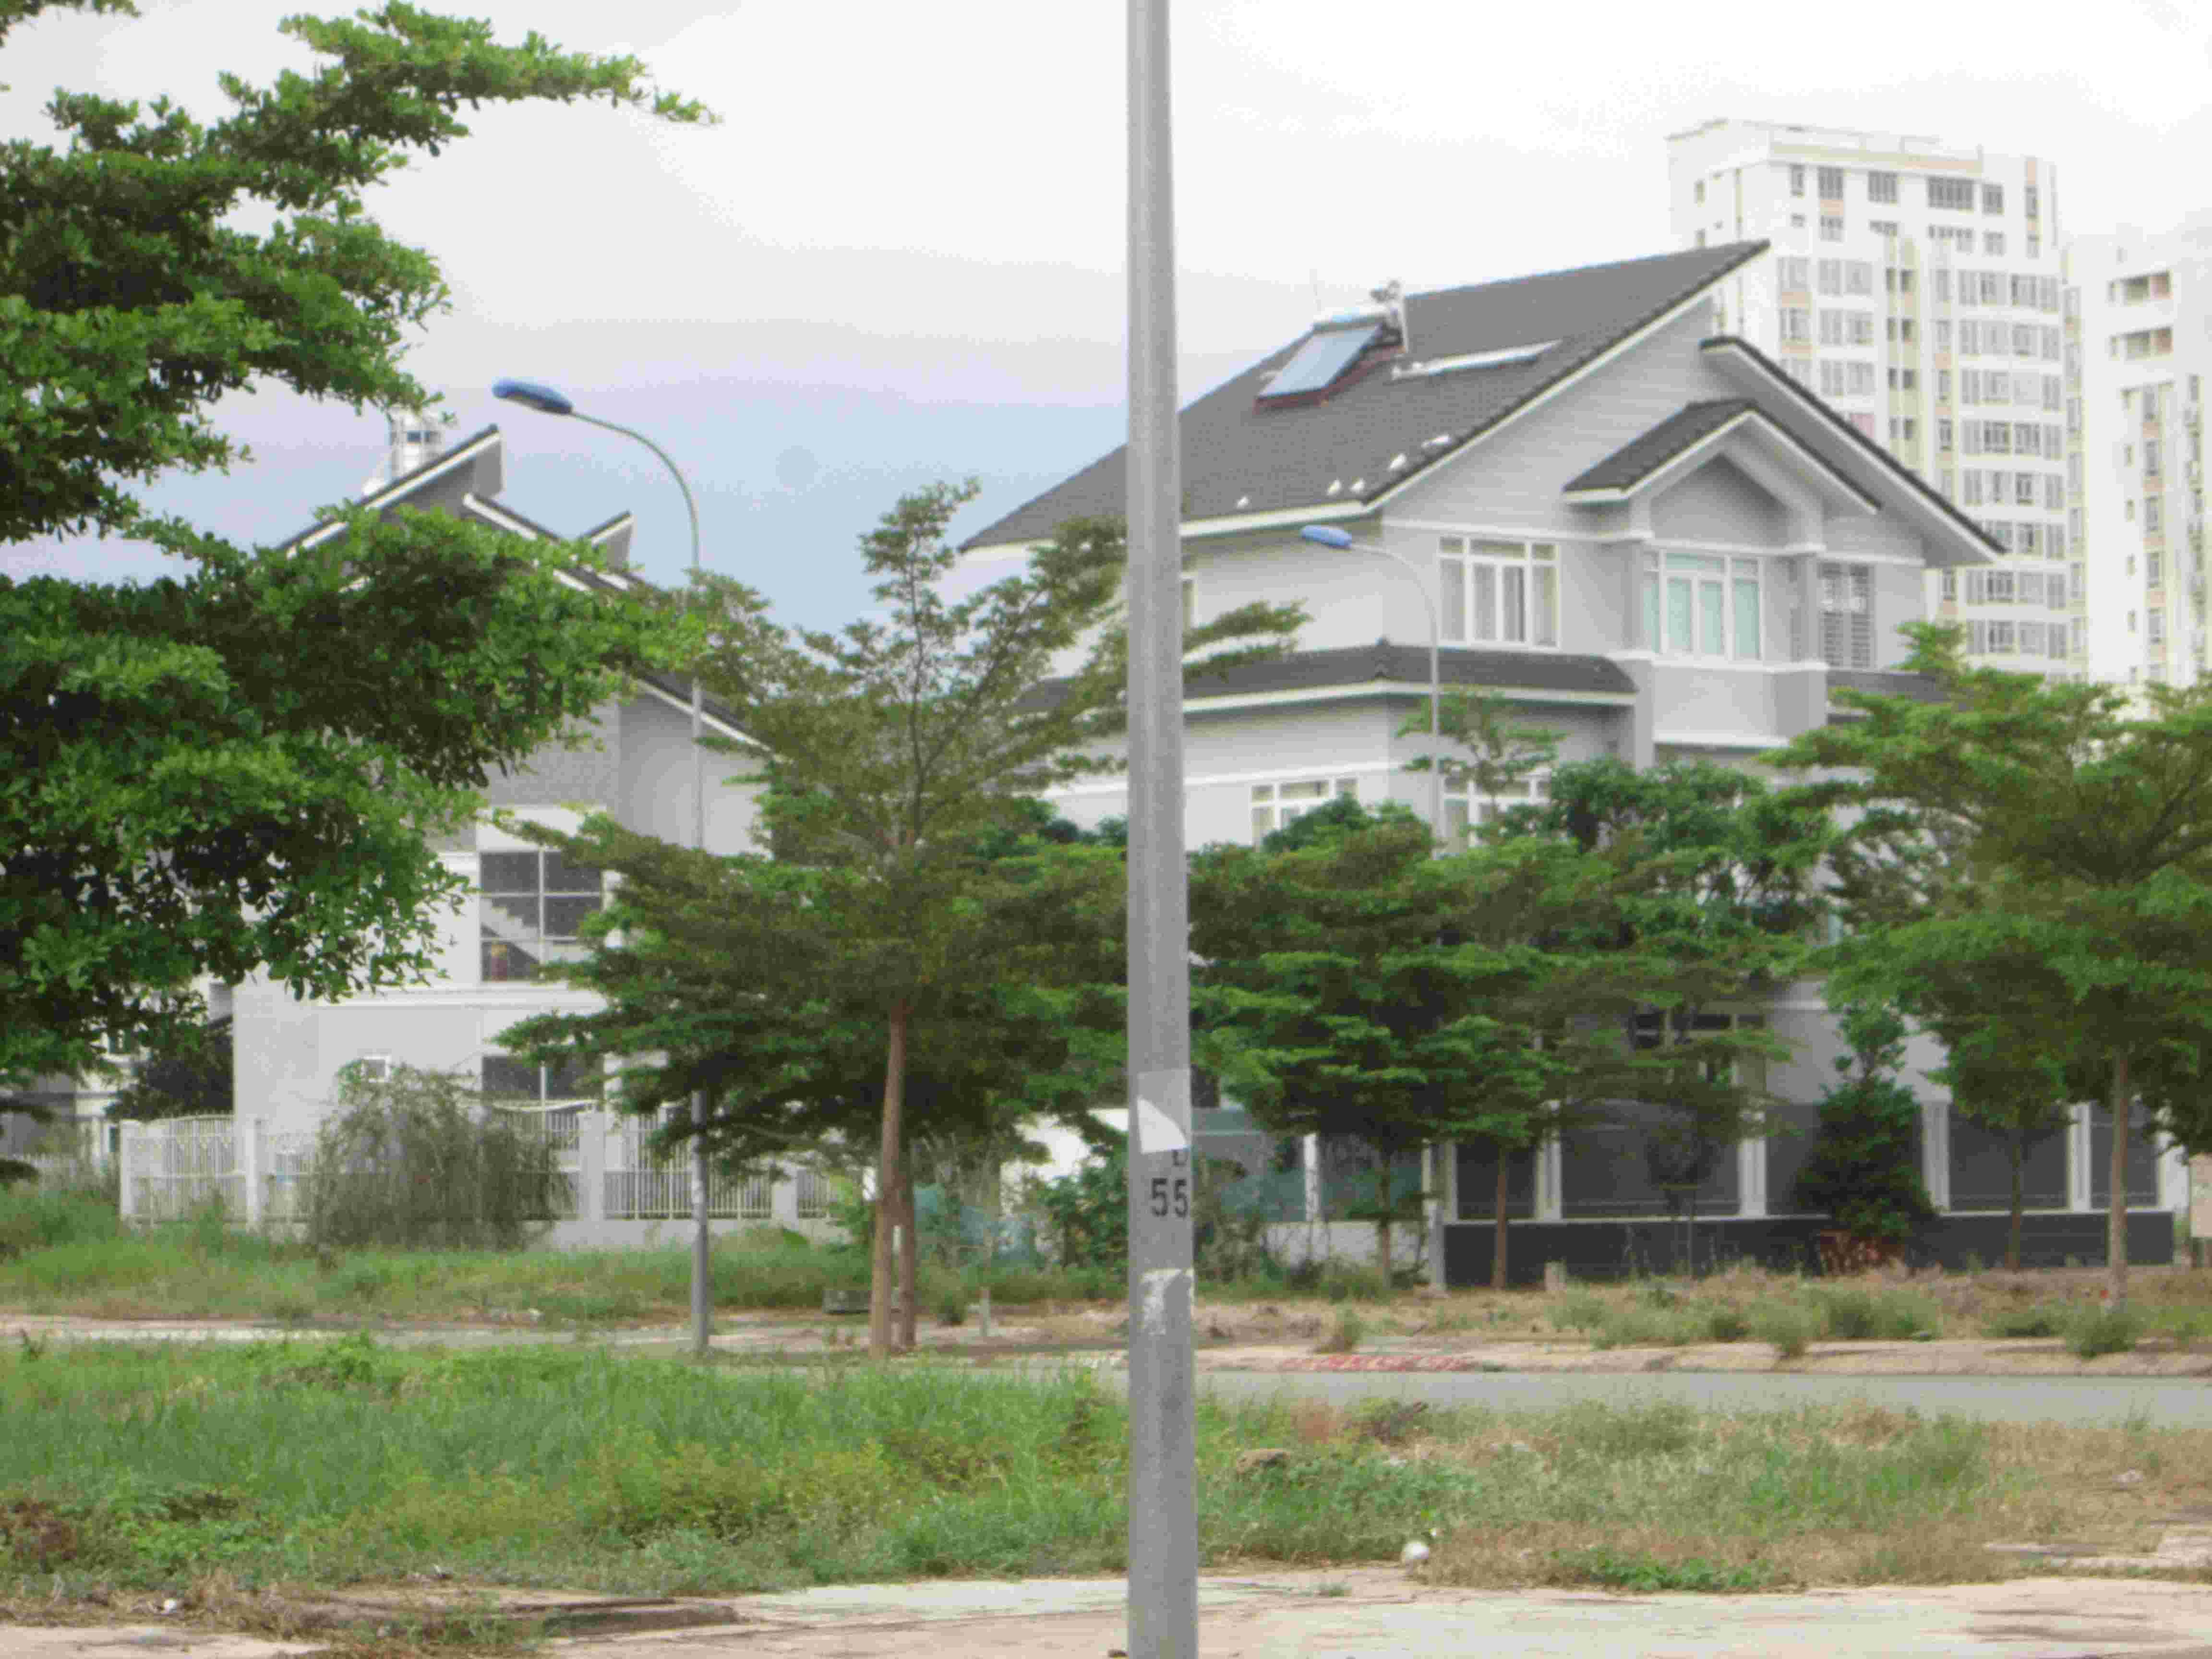 Bán đất Sadeco Nghi Ngơi Giải Trí Tân Phong, quận 7, sau Vivo City,lô góc 2 MT, A41, 242.5.5m2, giá 78 triệu/m2